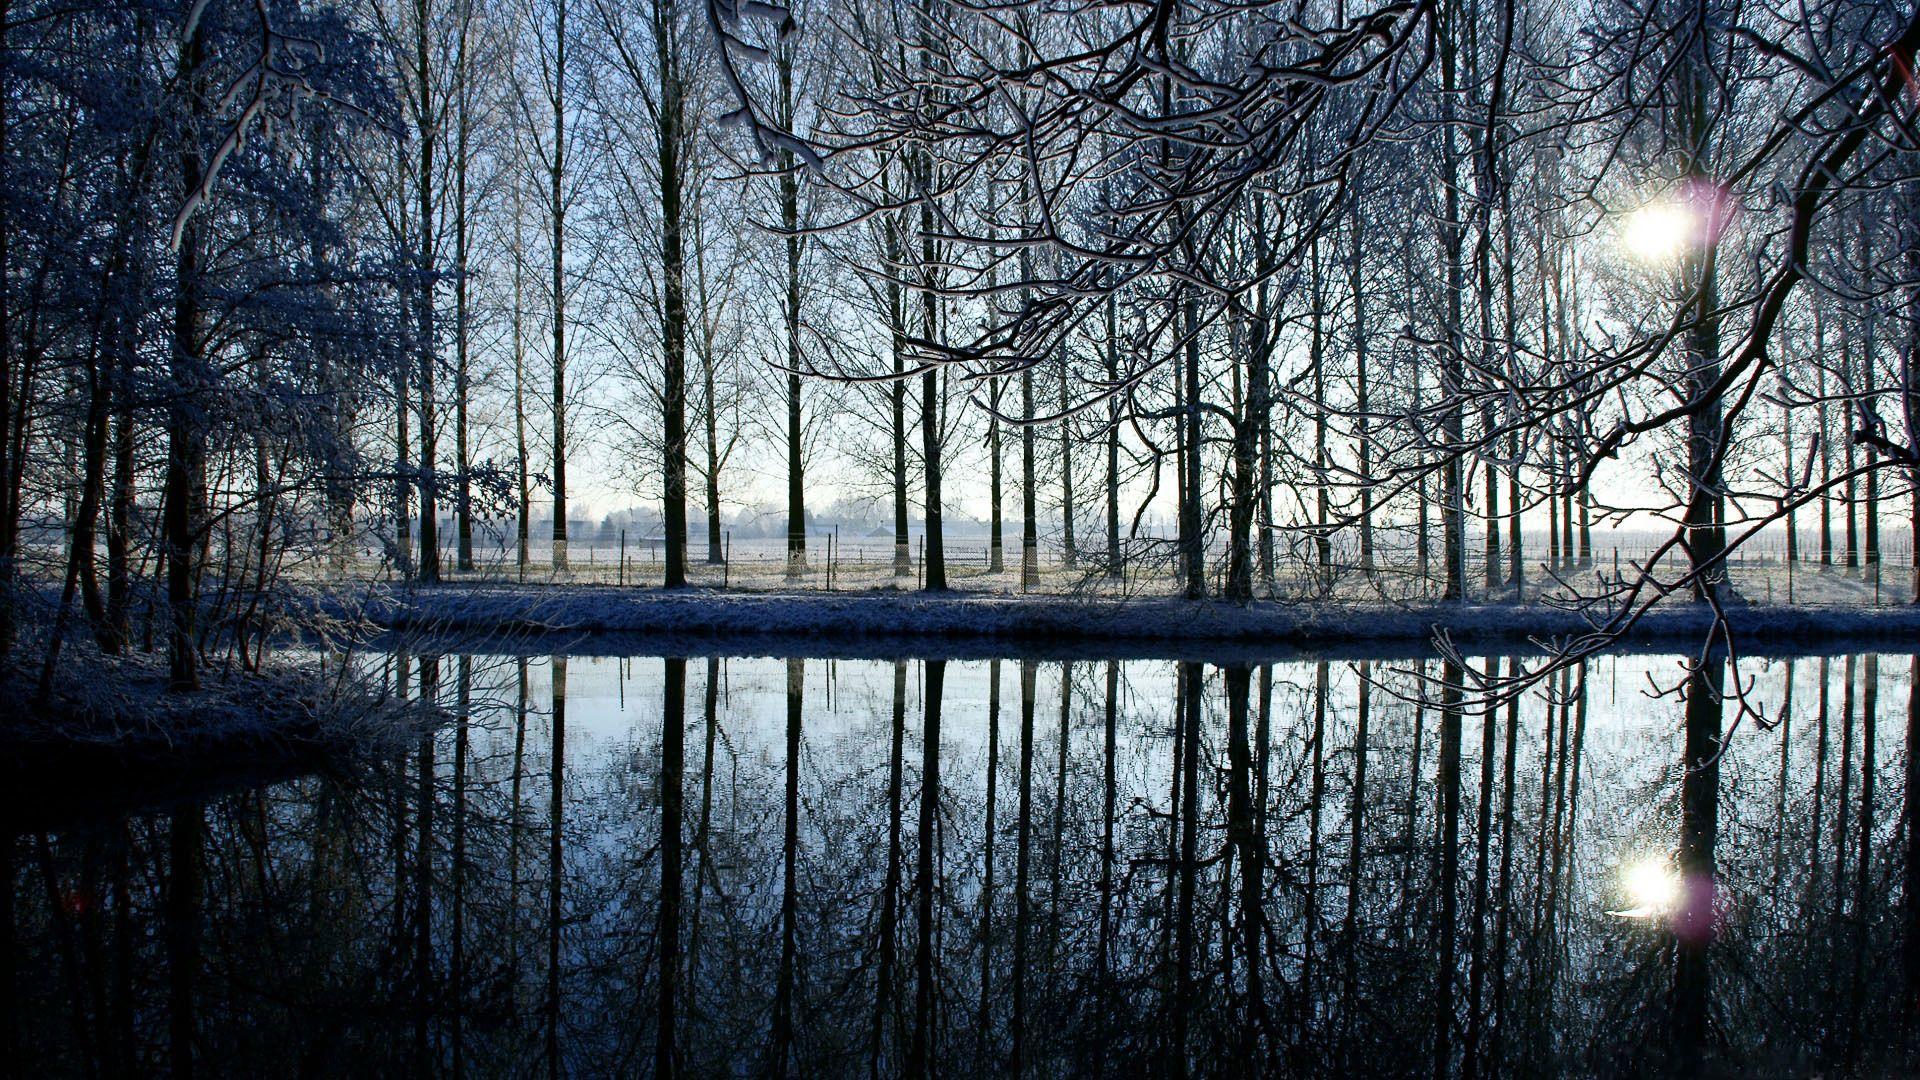 152060壁紙のダウンロード自然, 木, 森林, 森, 反射, イブニング, 夕方-スクリーンセーバーと写真を無料で